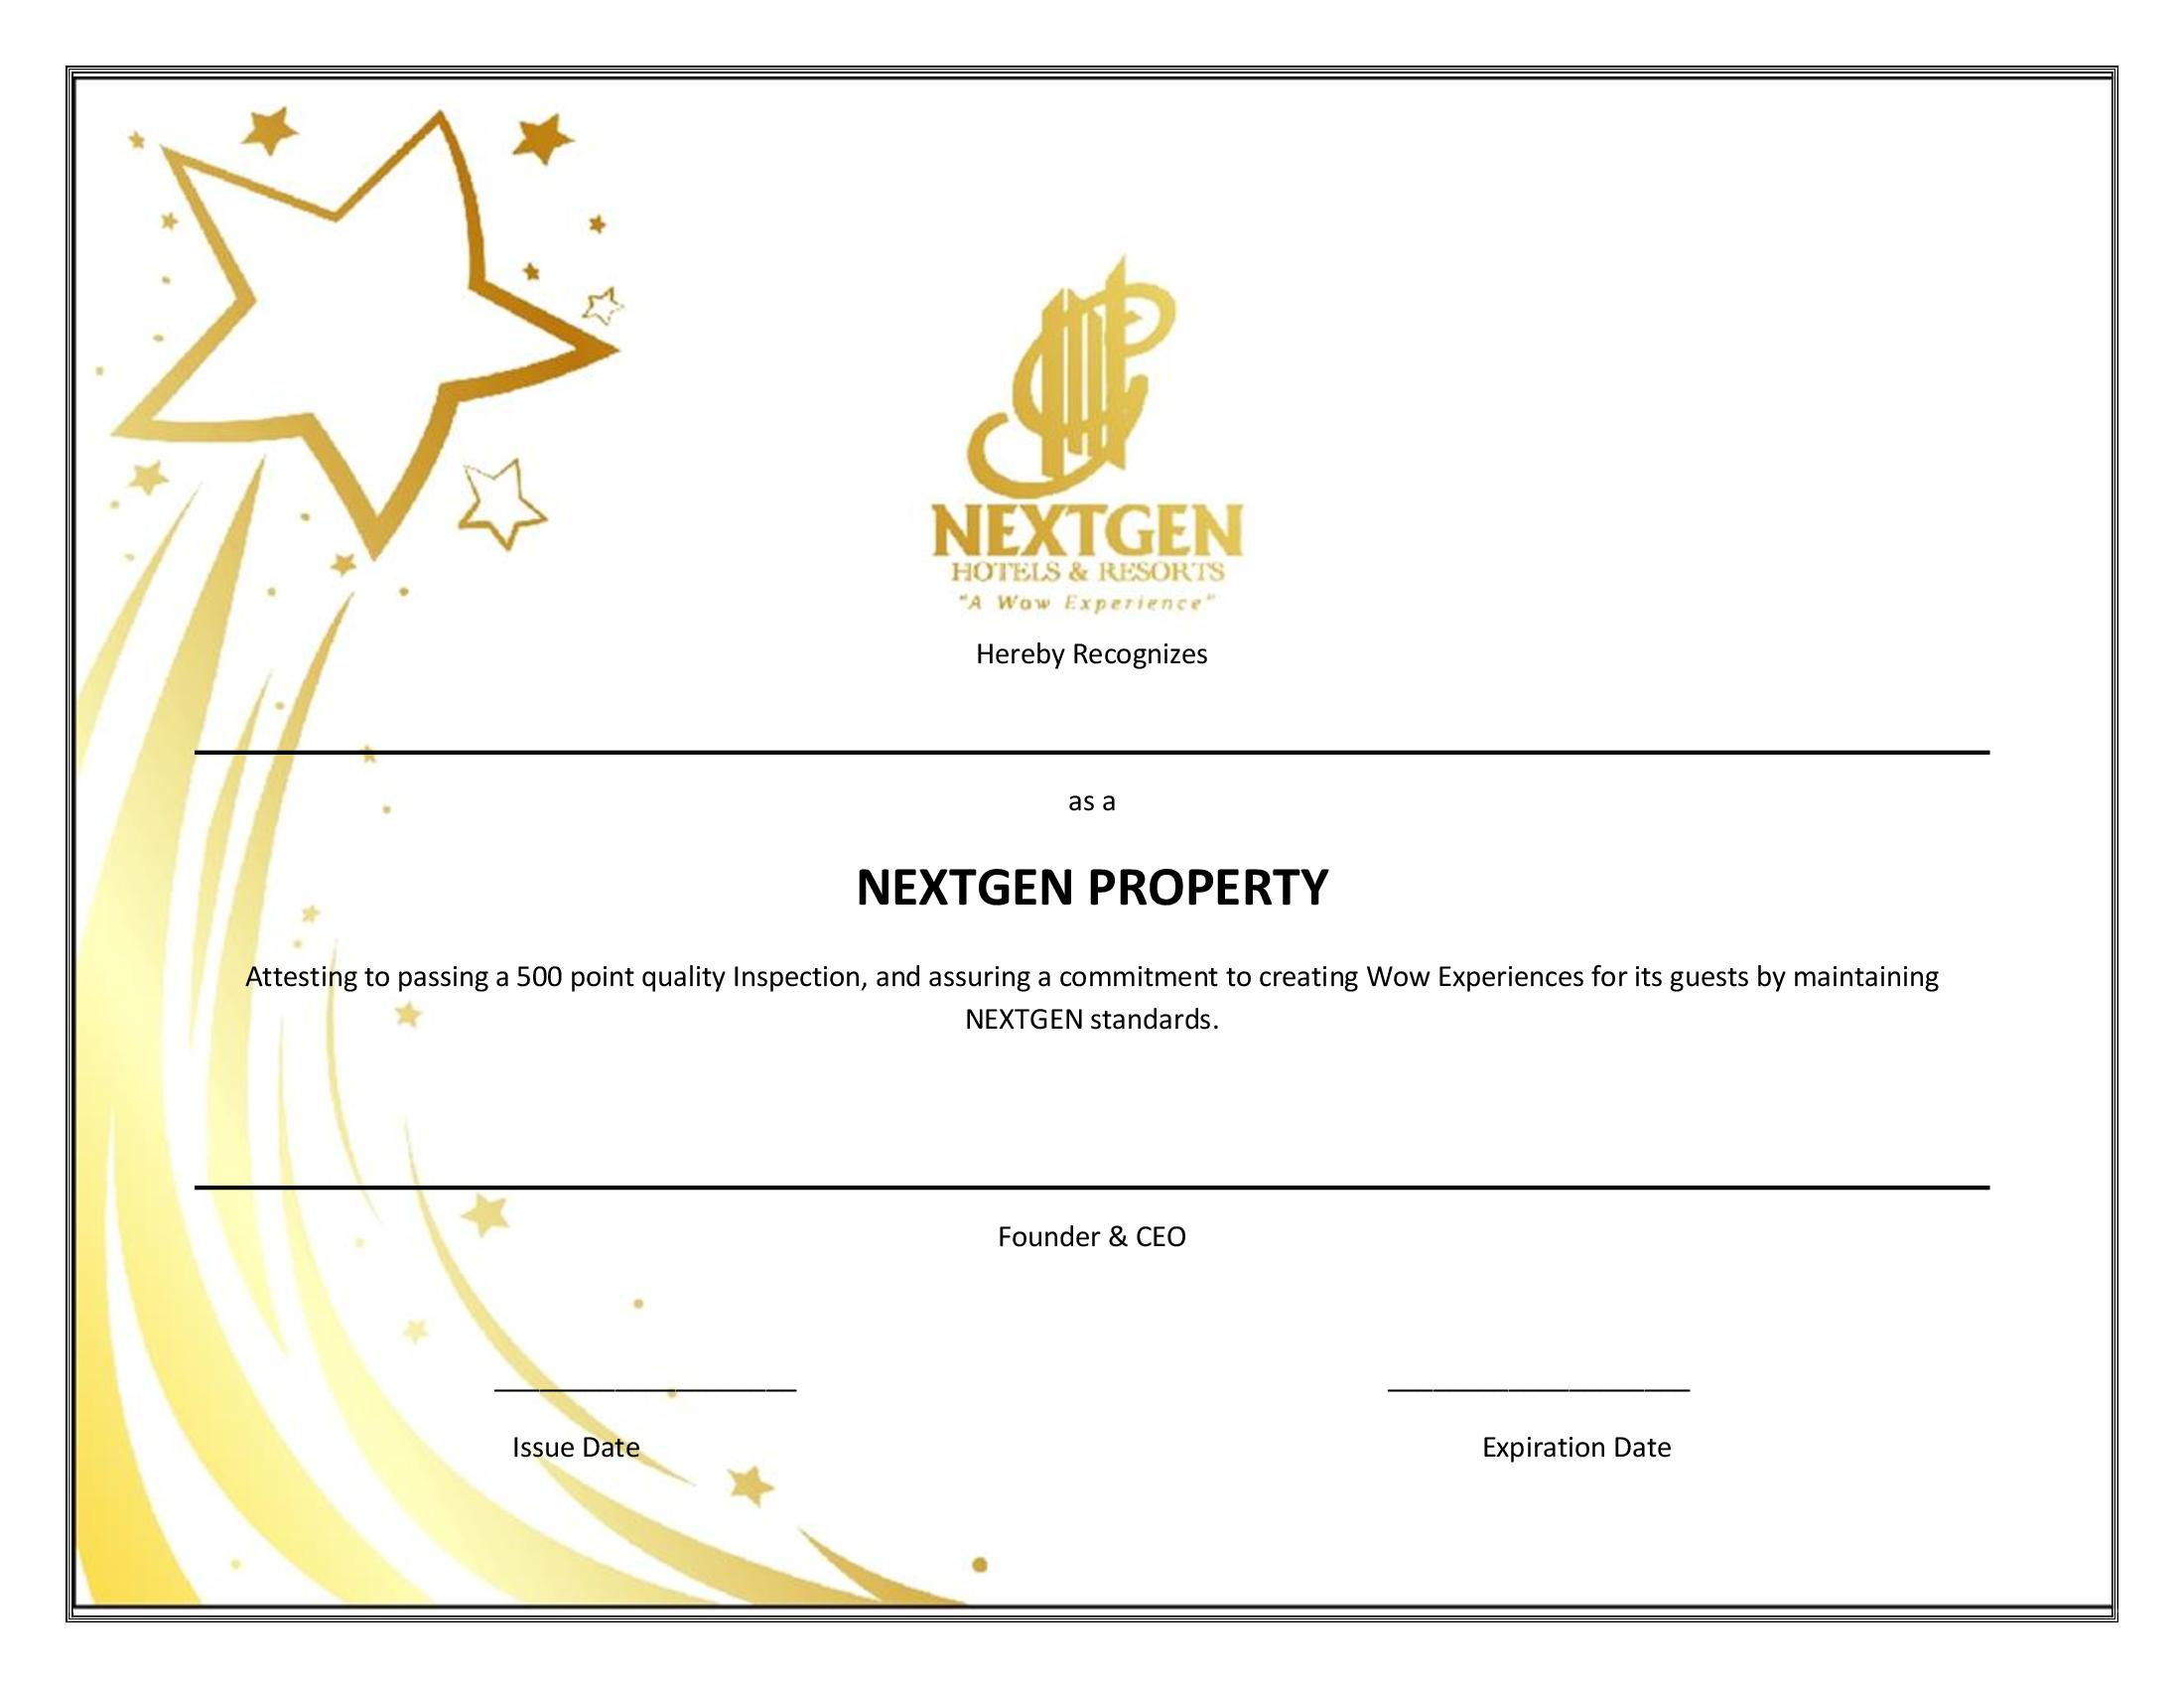 Get Nextgen Certified Partner With Us